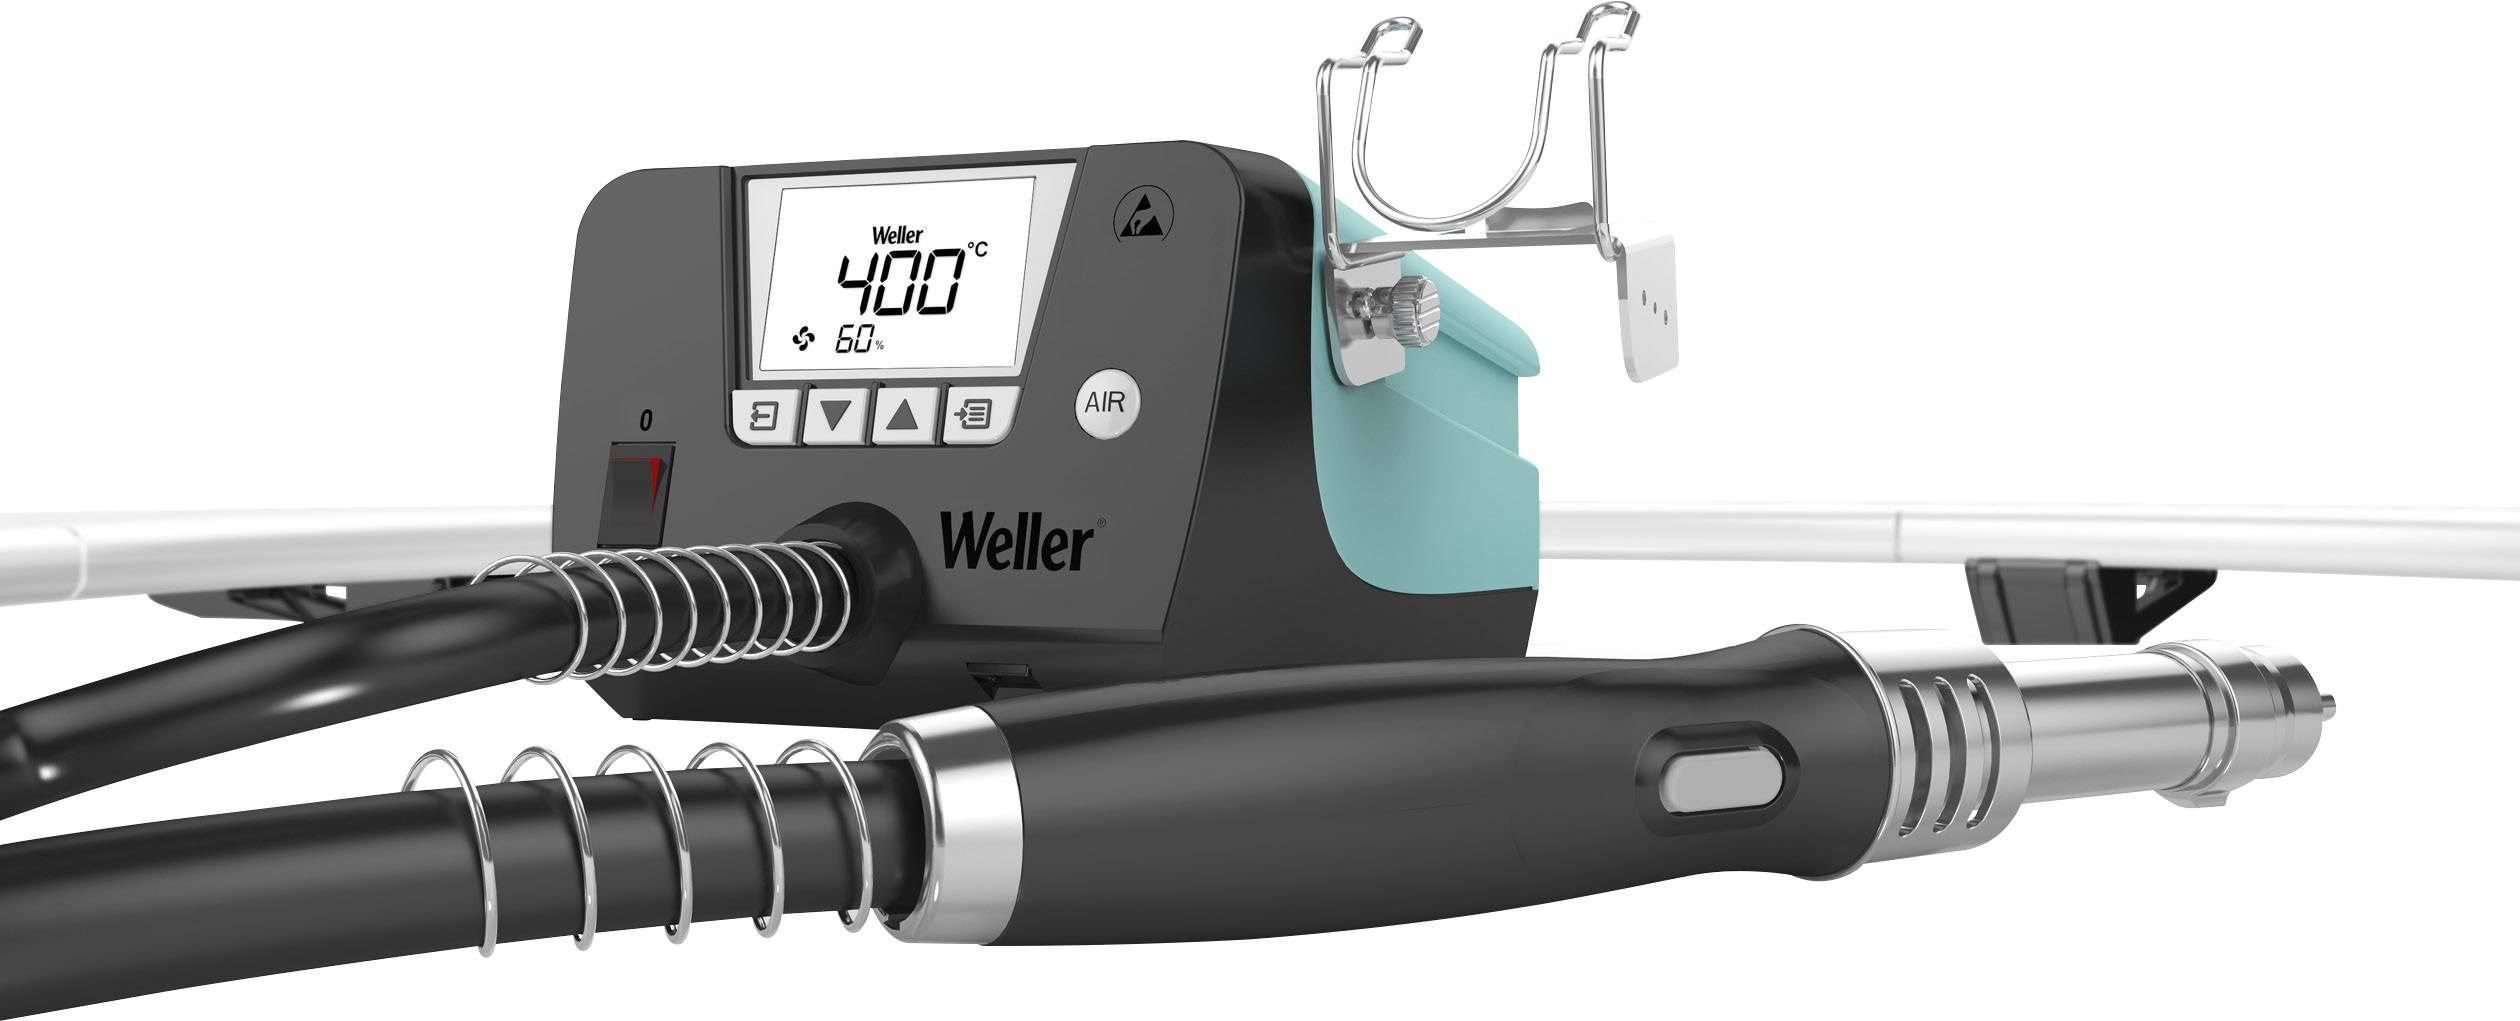 Horkovzdušná pájecí stanice Weller Professional WTHA 1 T0053173699, digitální, 900 W, 50 až 600 °C